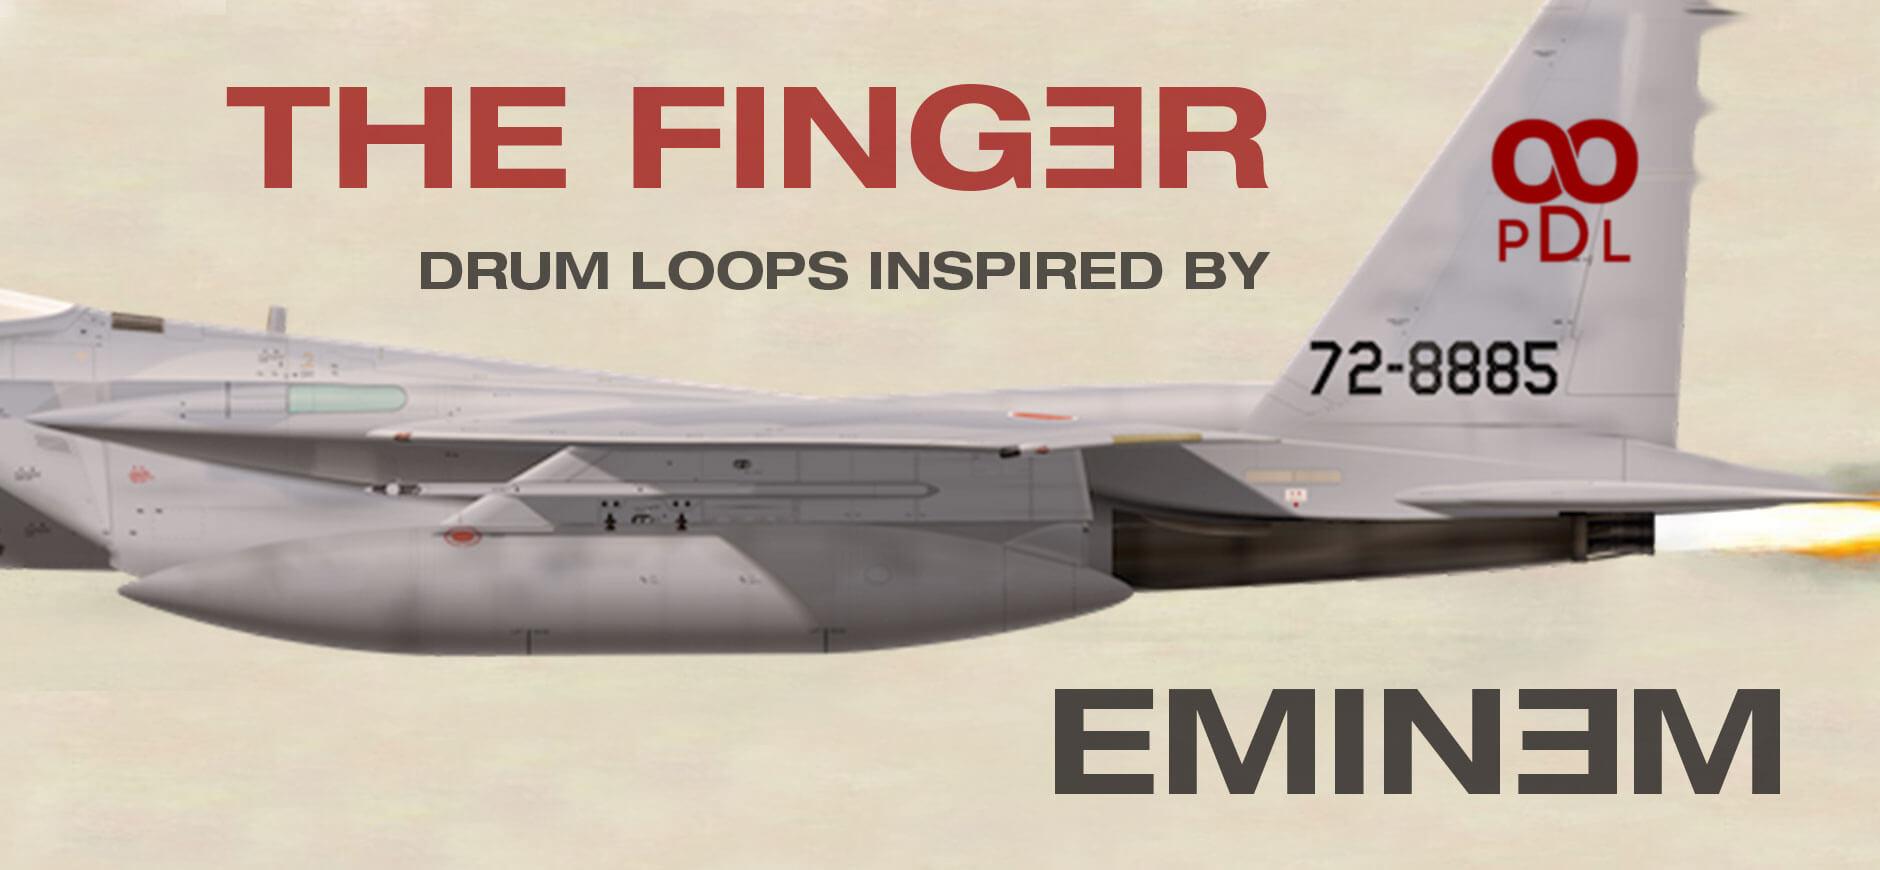 The Ringer Drum Loops Kit Inspired by Eminem